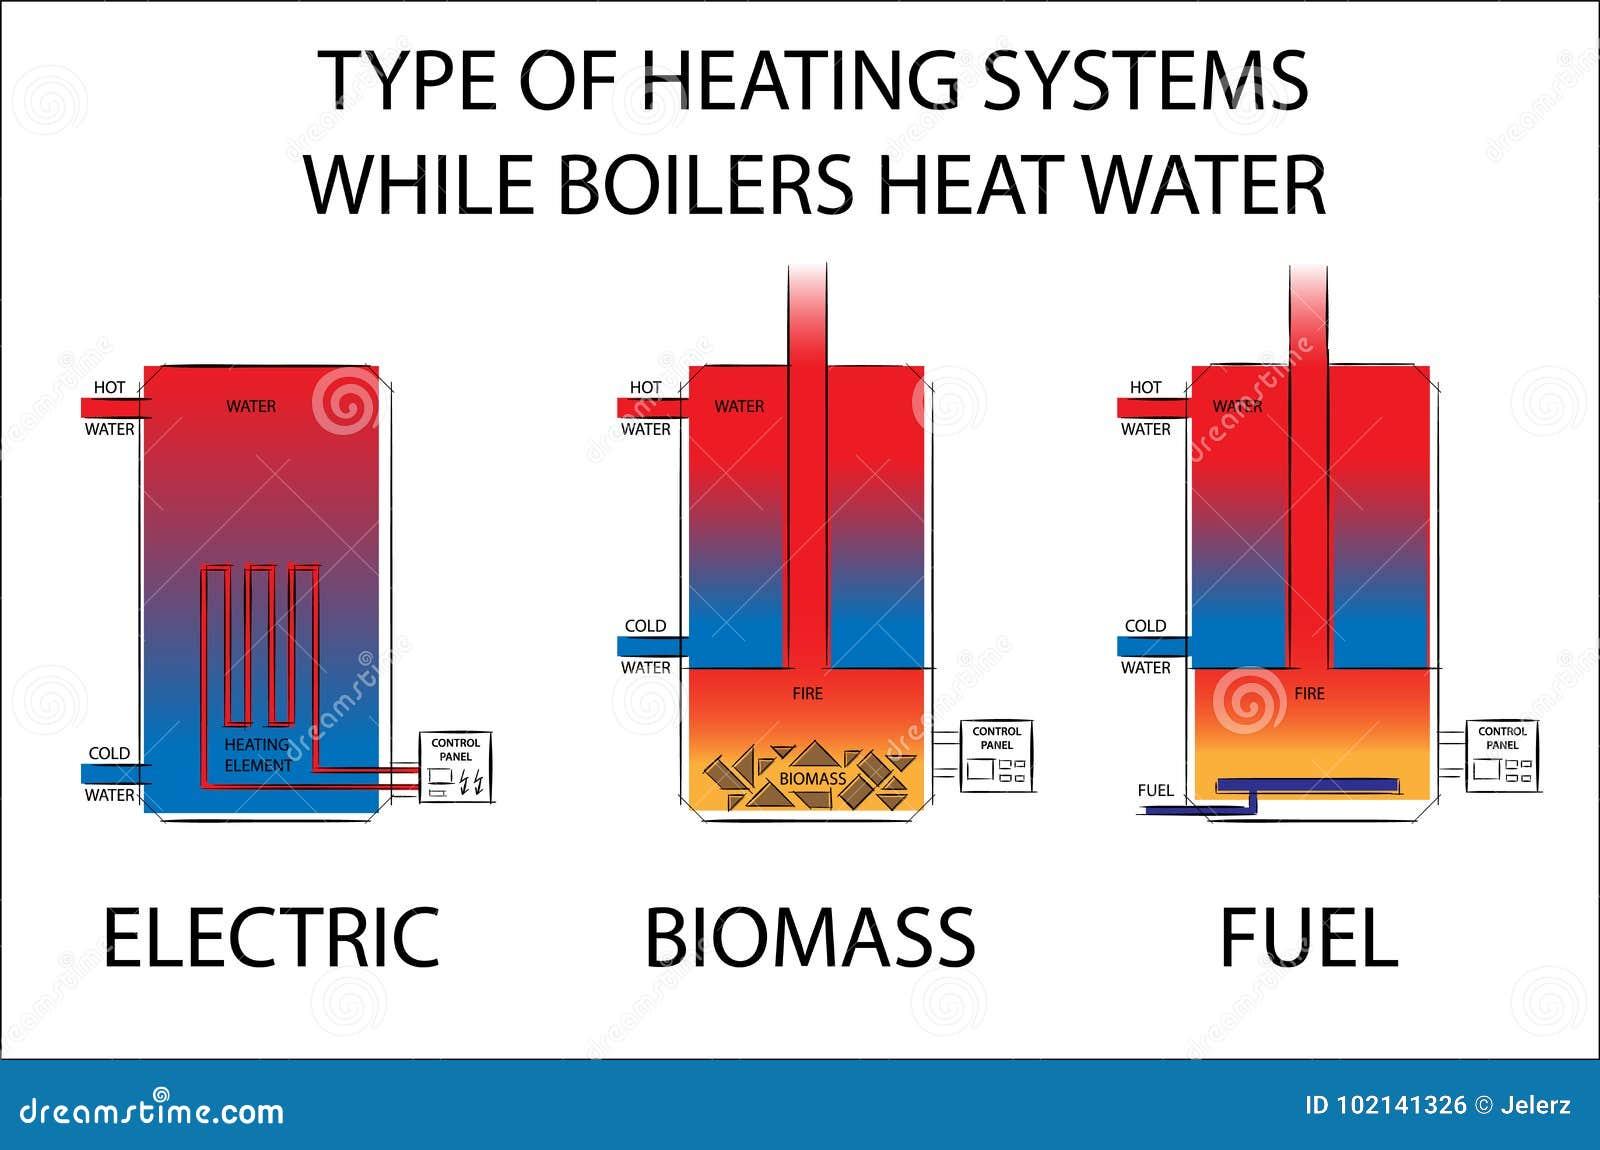 Typ av uppvärmningsystem, medan kokkärl värmer vatten Illustration för elkraft-, biomassa- och bränsleuppvärmningsystem